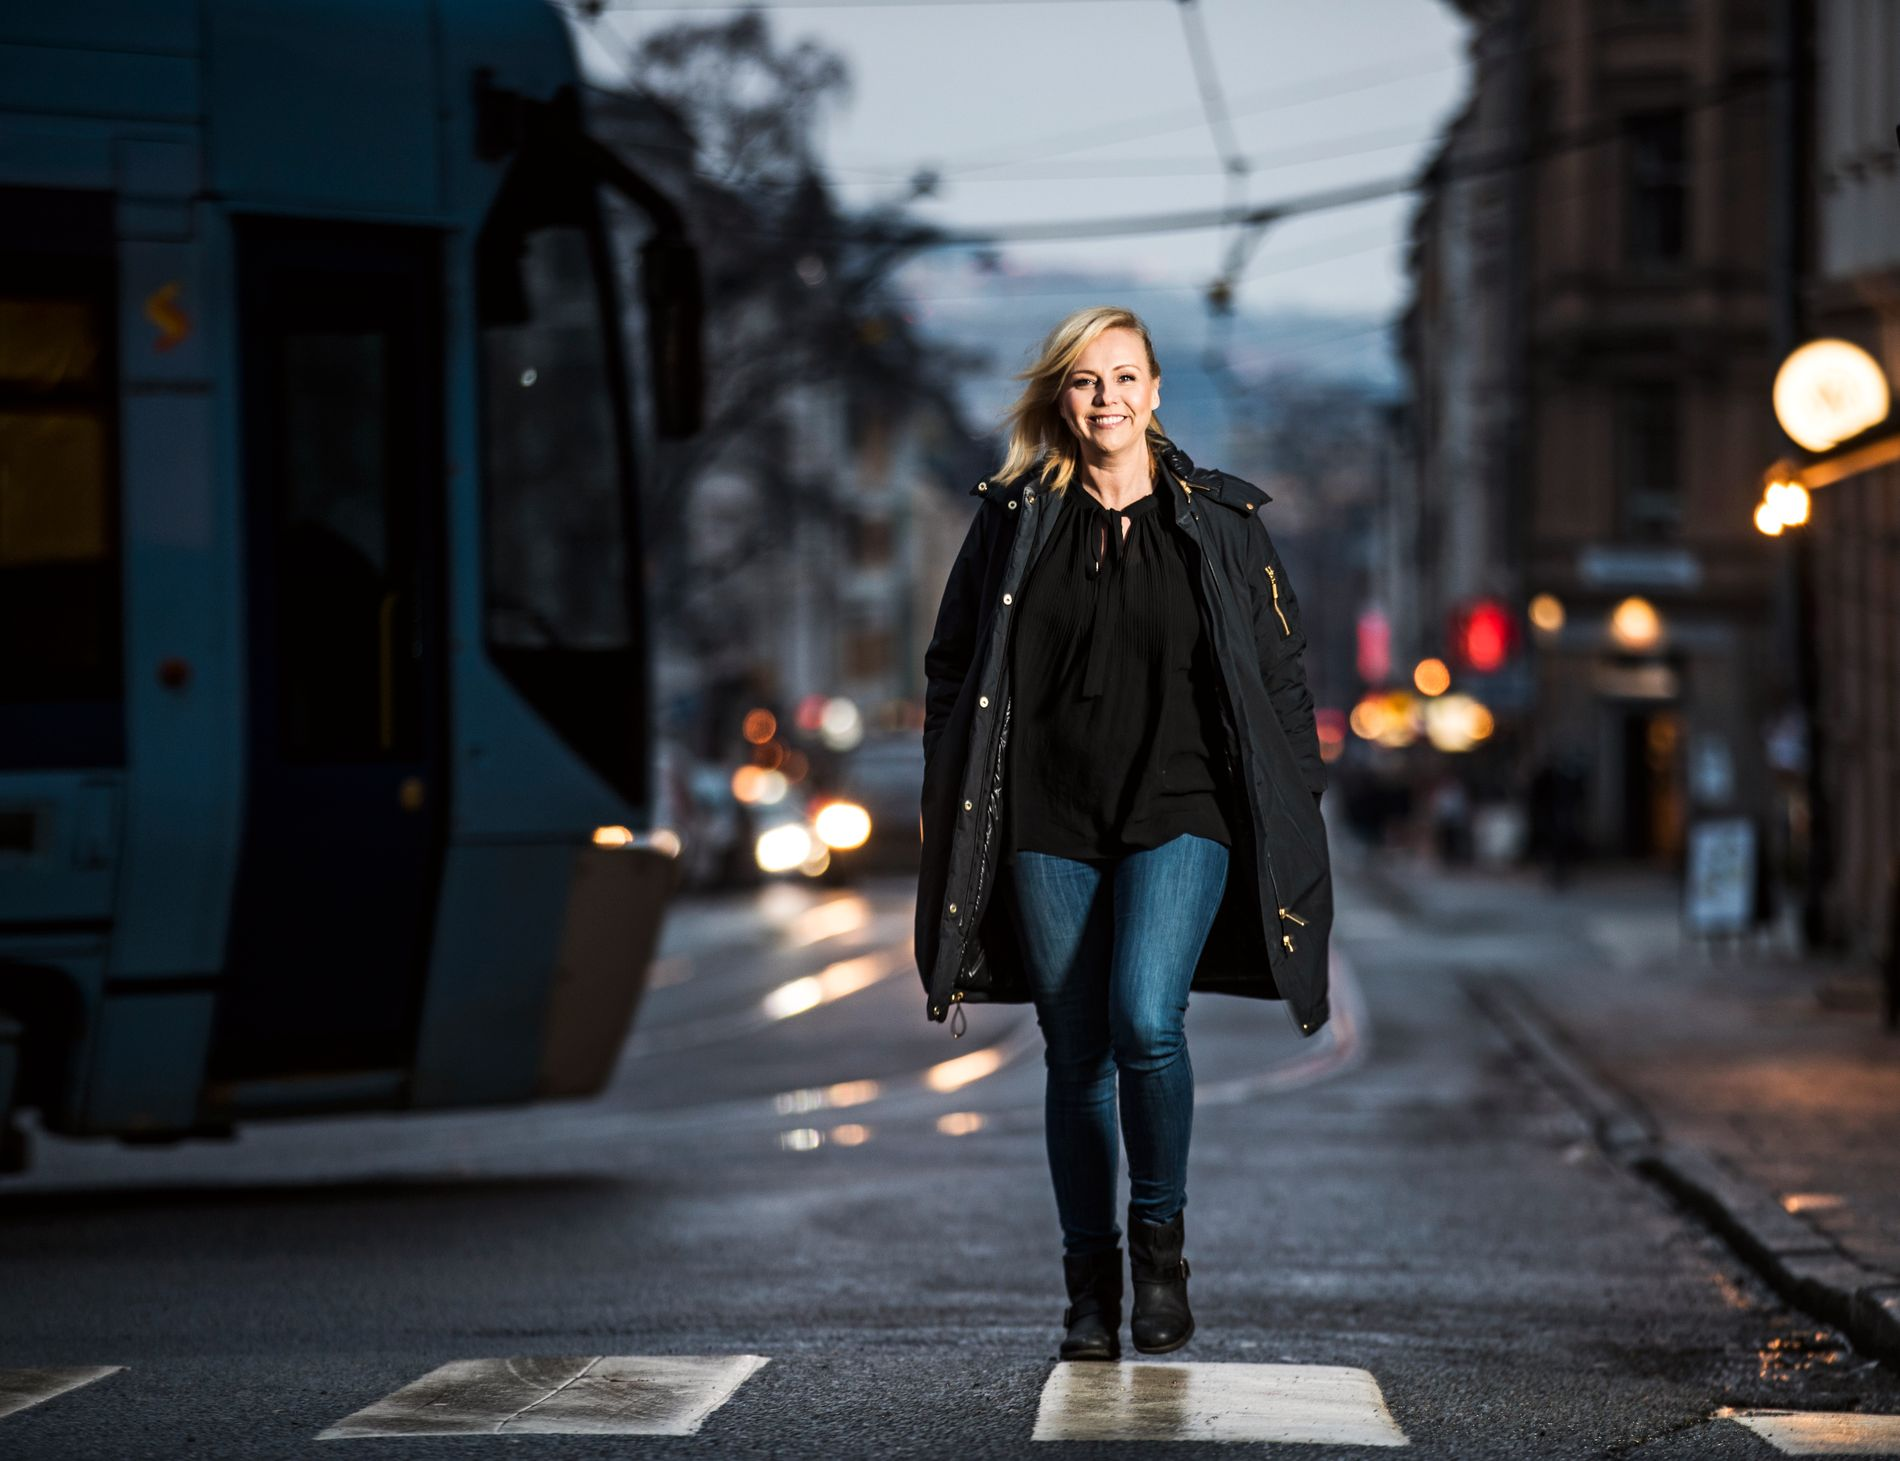 BYJENTE: Linn Skåber er Løkkajente og trives i byen. Hun gleder seg til våren når hun kan løpe langs Akerselva.